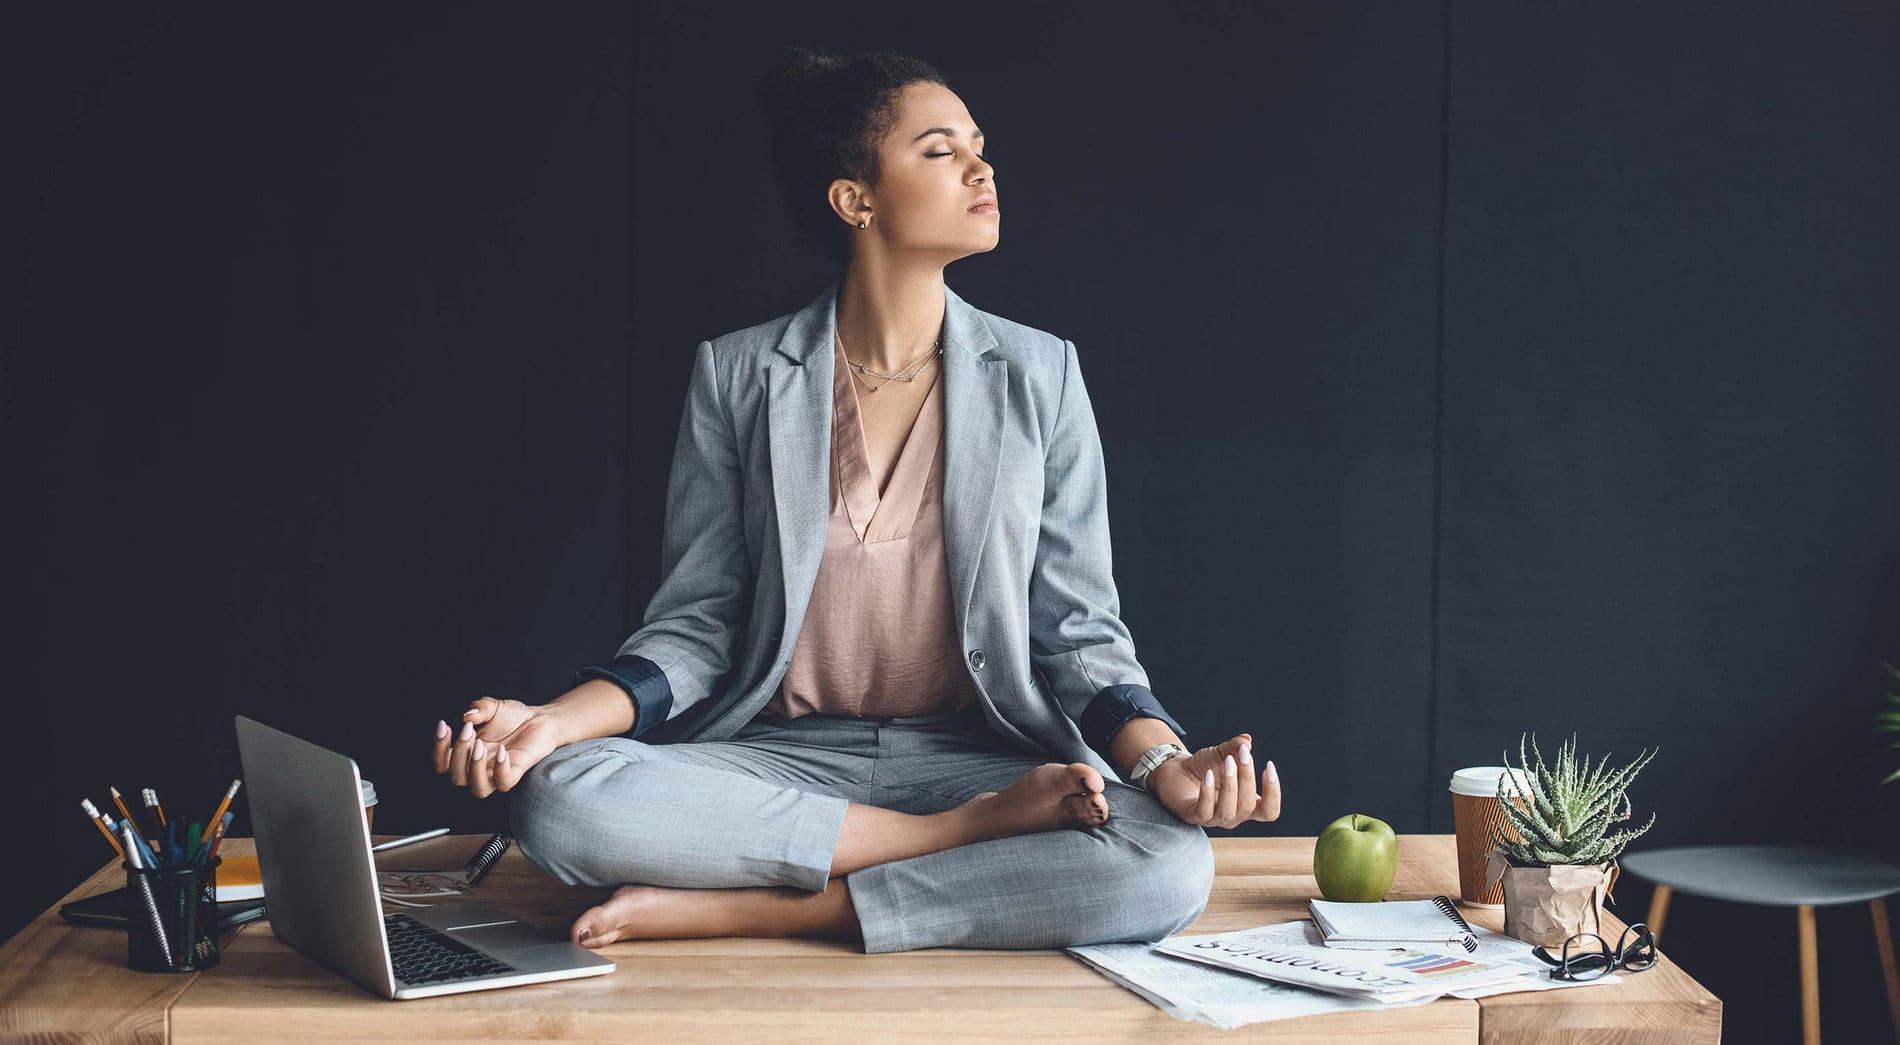 11 методик, которые помогут побороть стресс и расслабиться